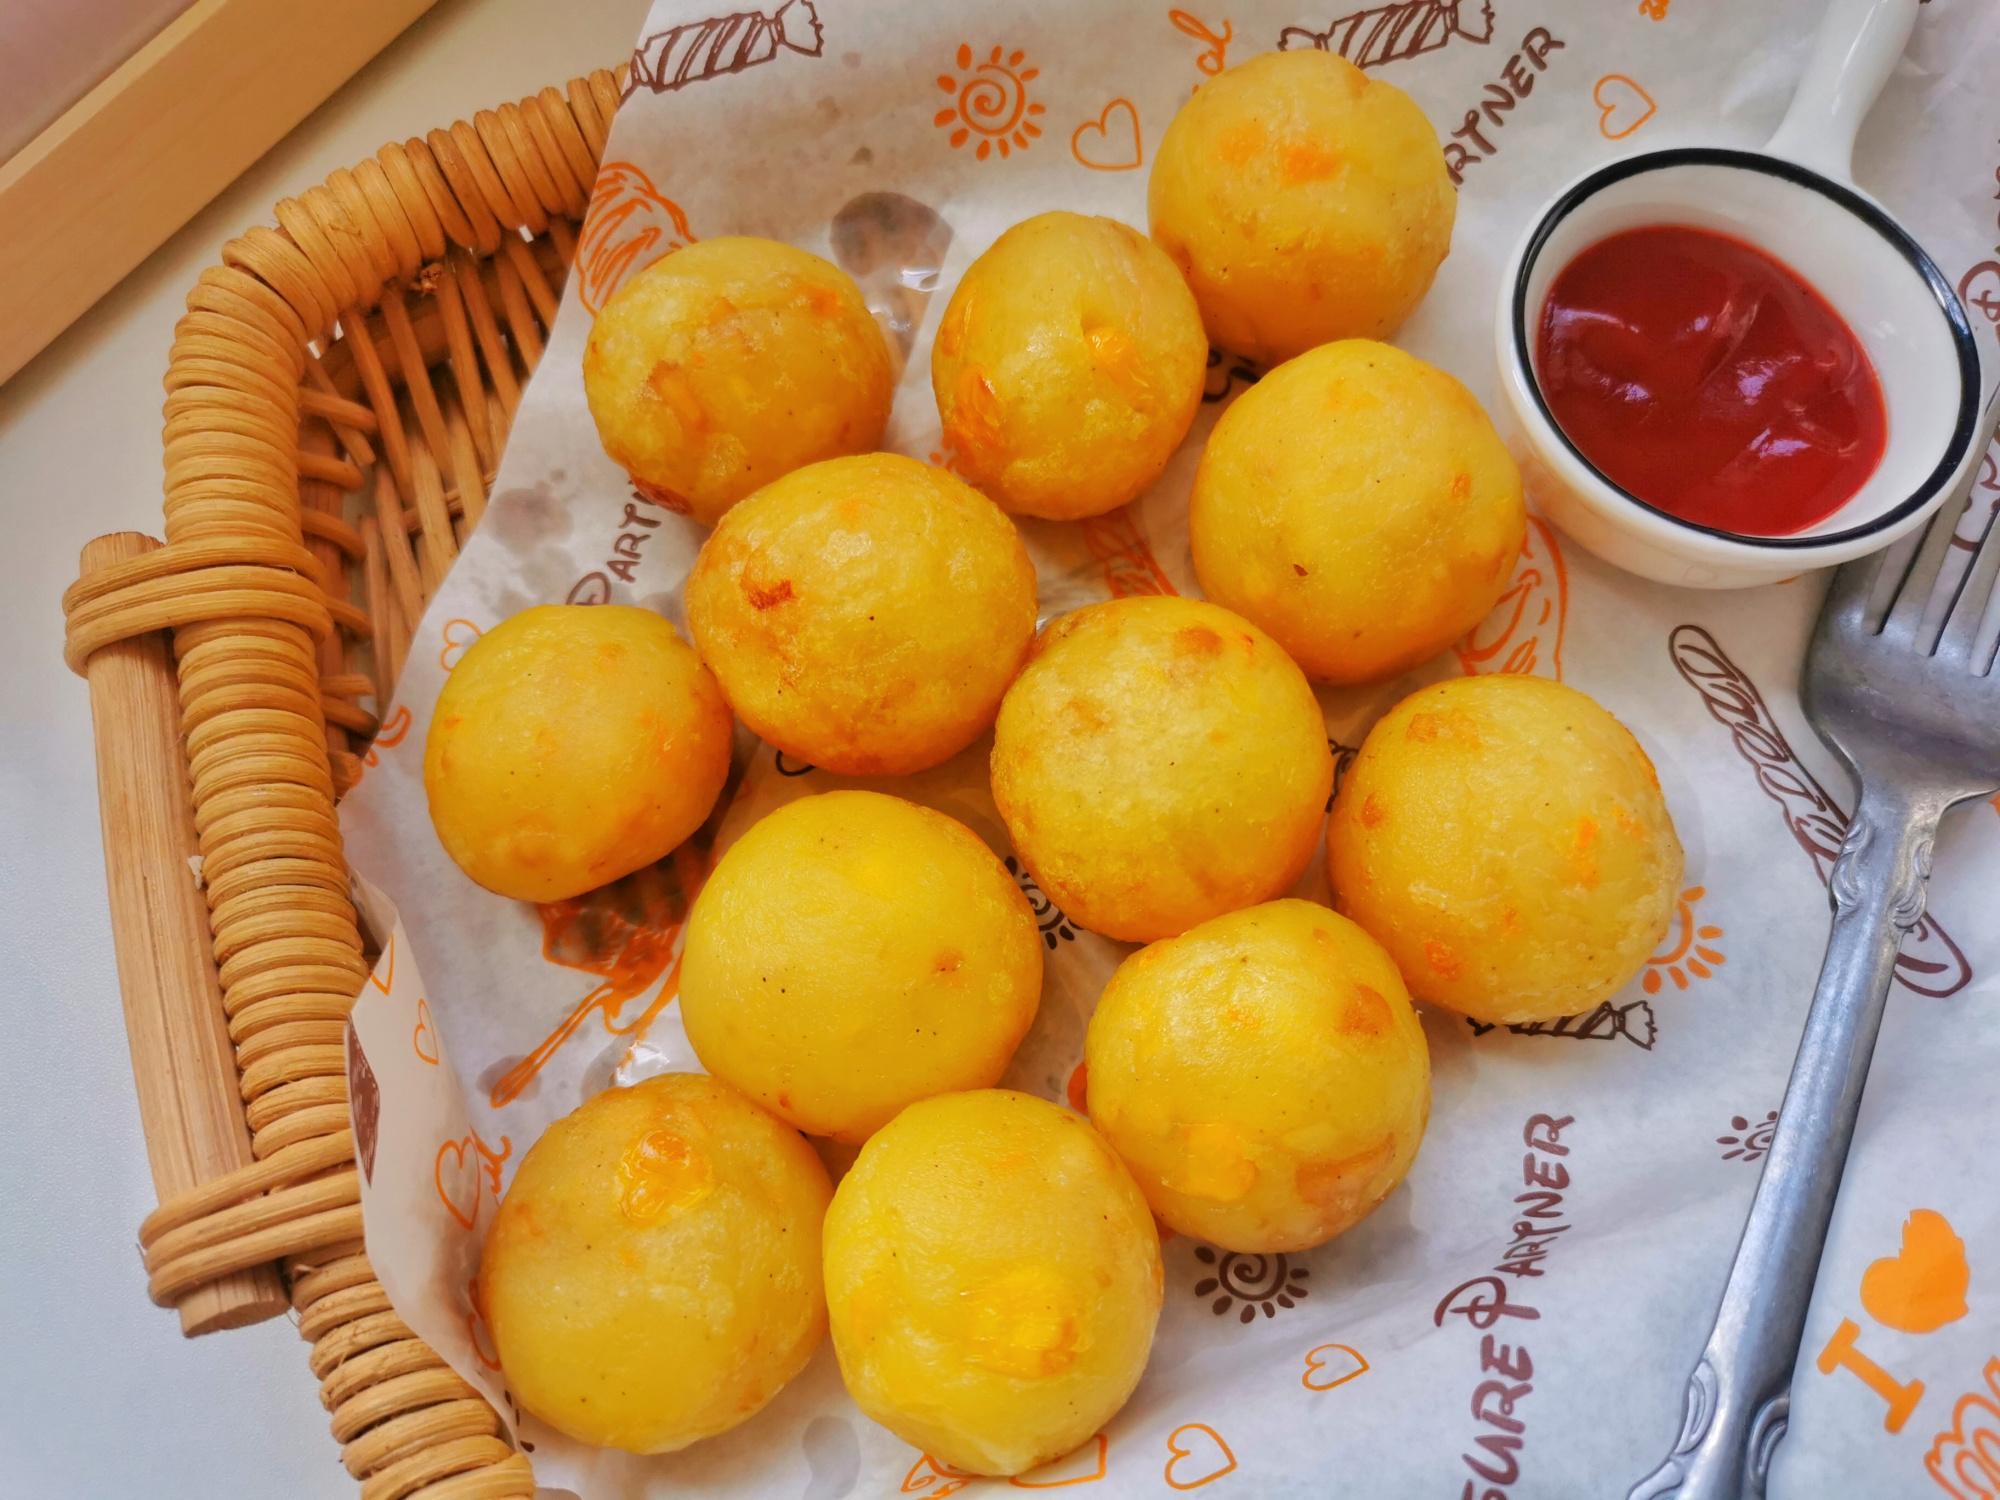 土豆又有新吃法,外酥里软还拉丝,不需要面包糠,专治夏天没食欲